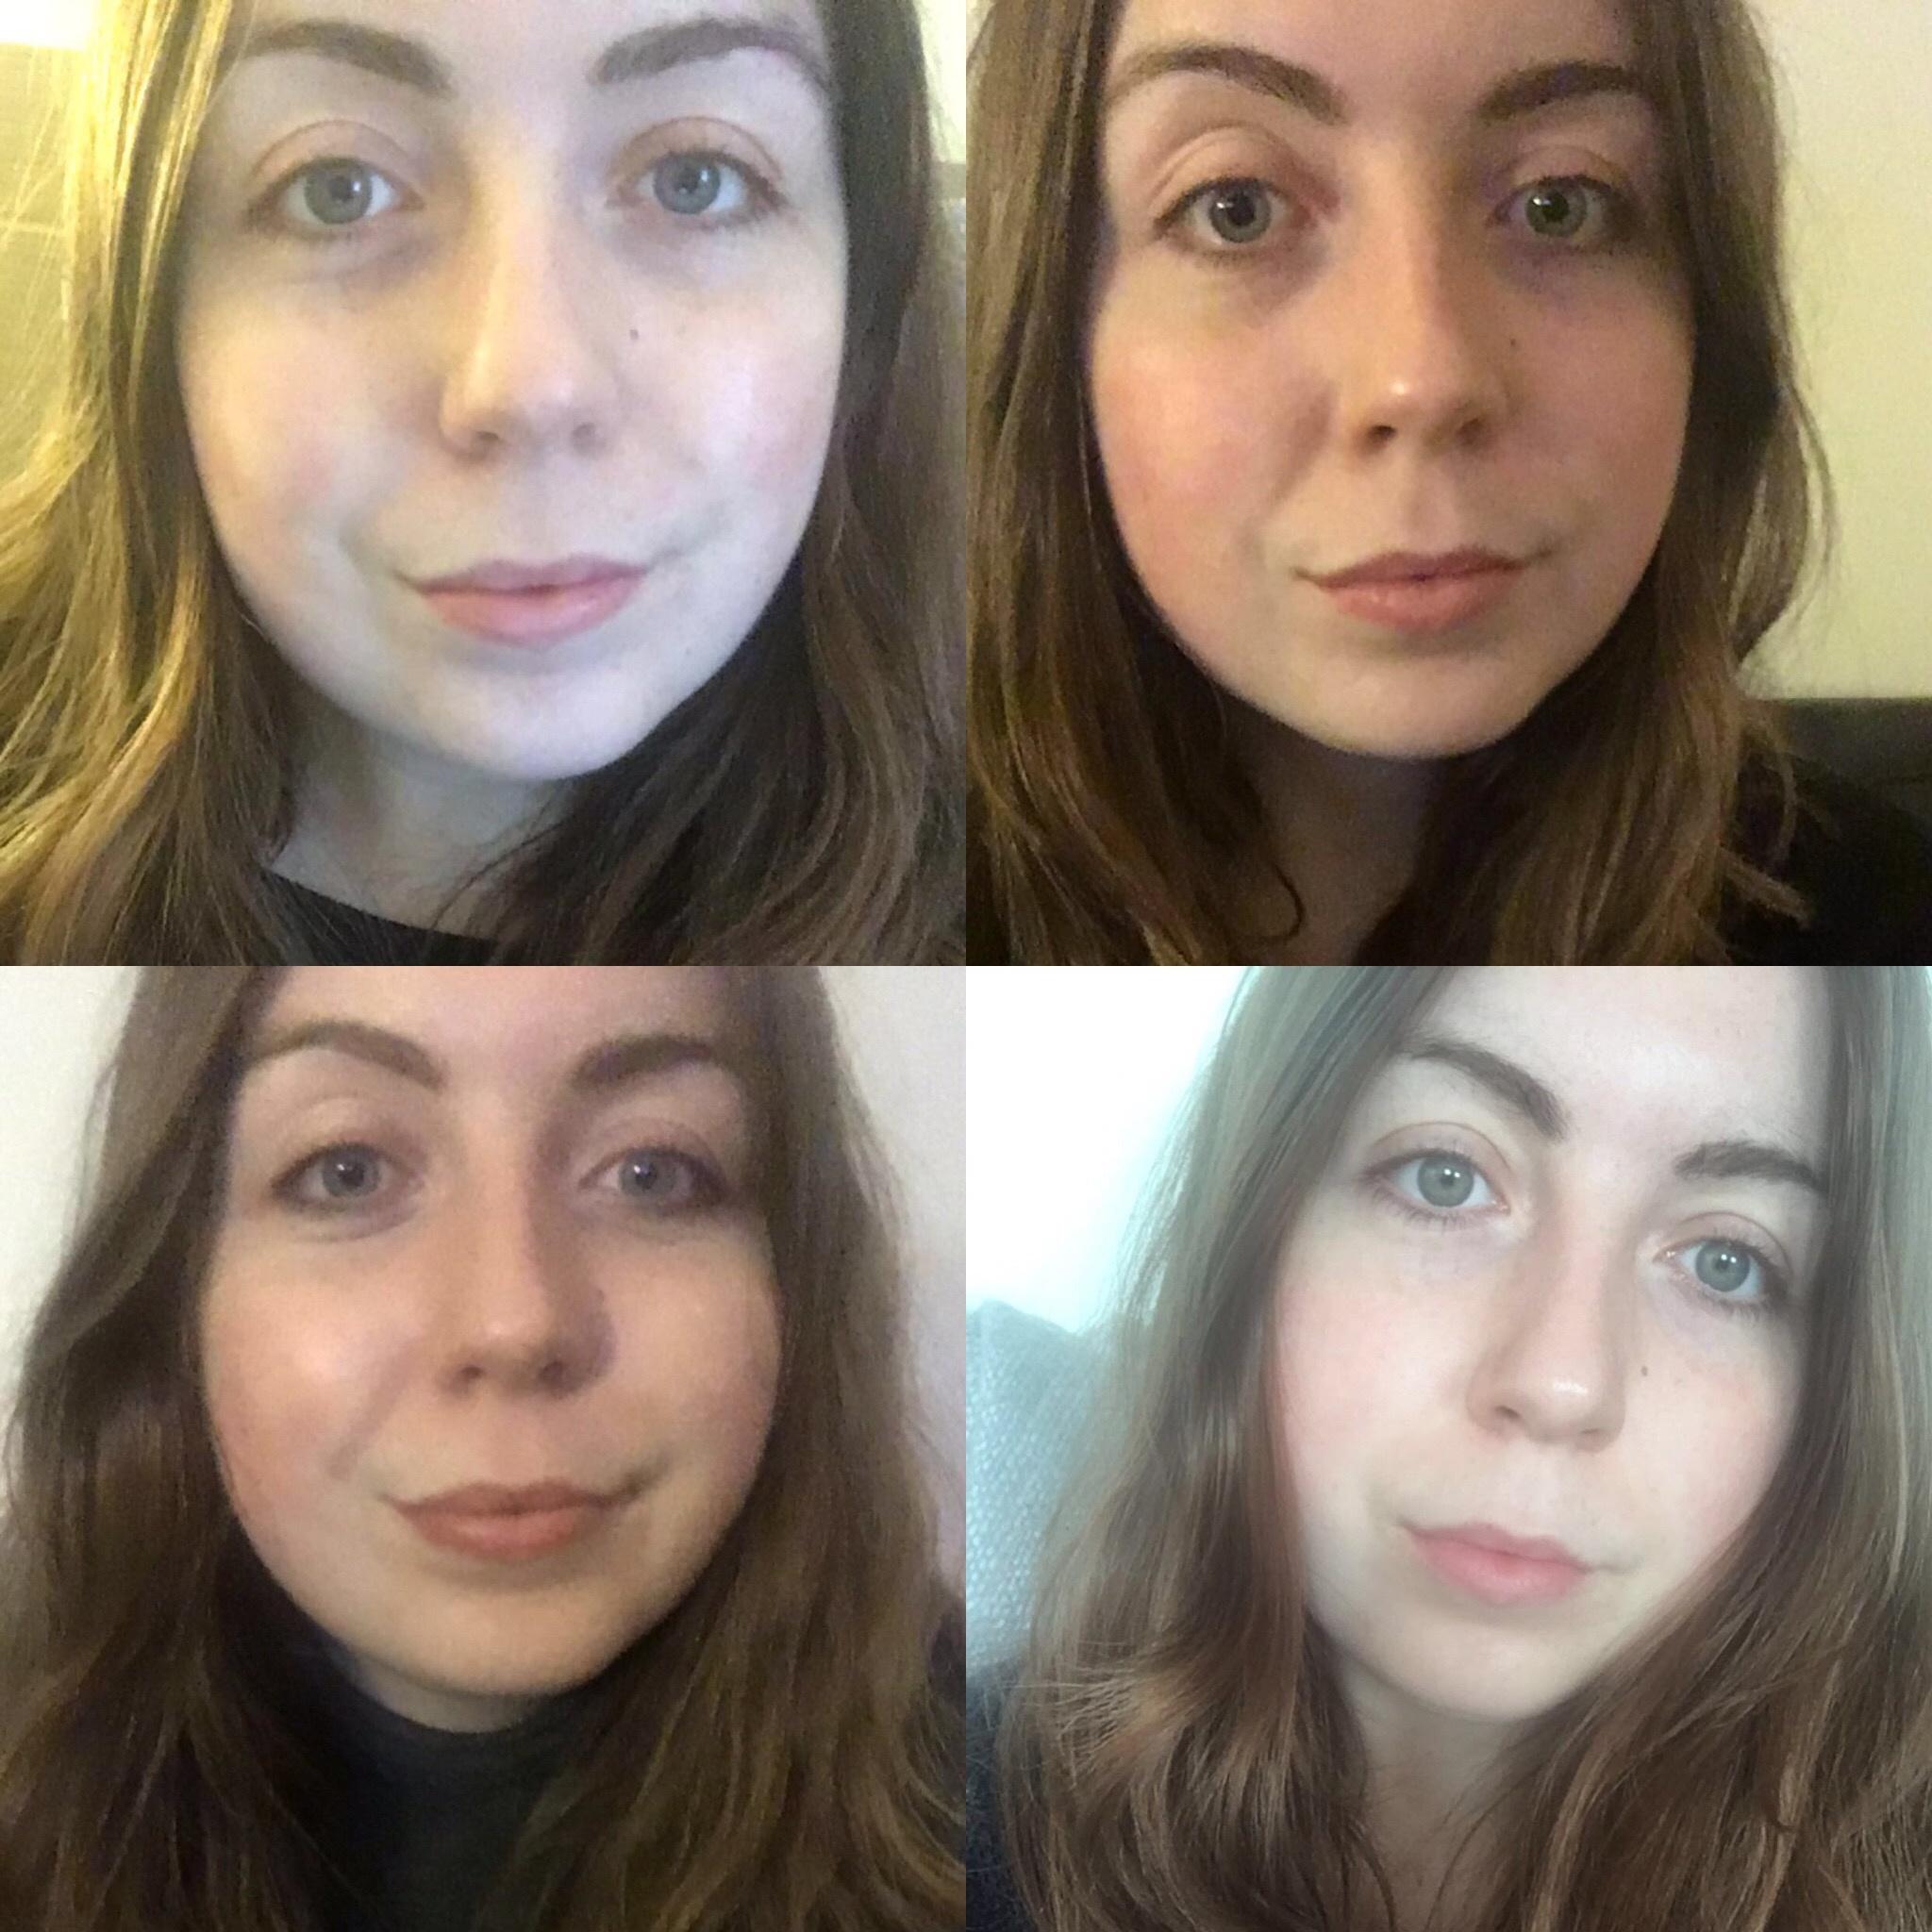 5 Days Make-Up Free